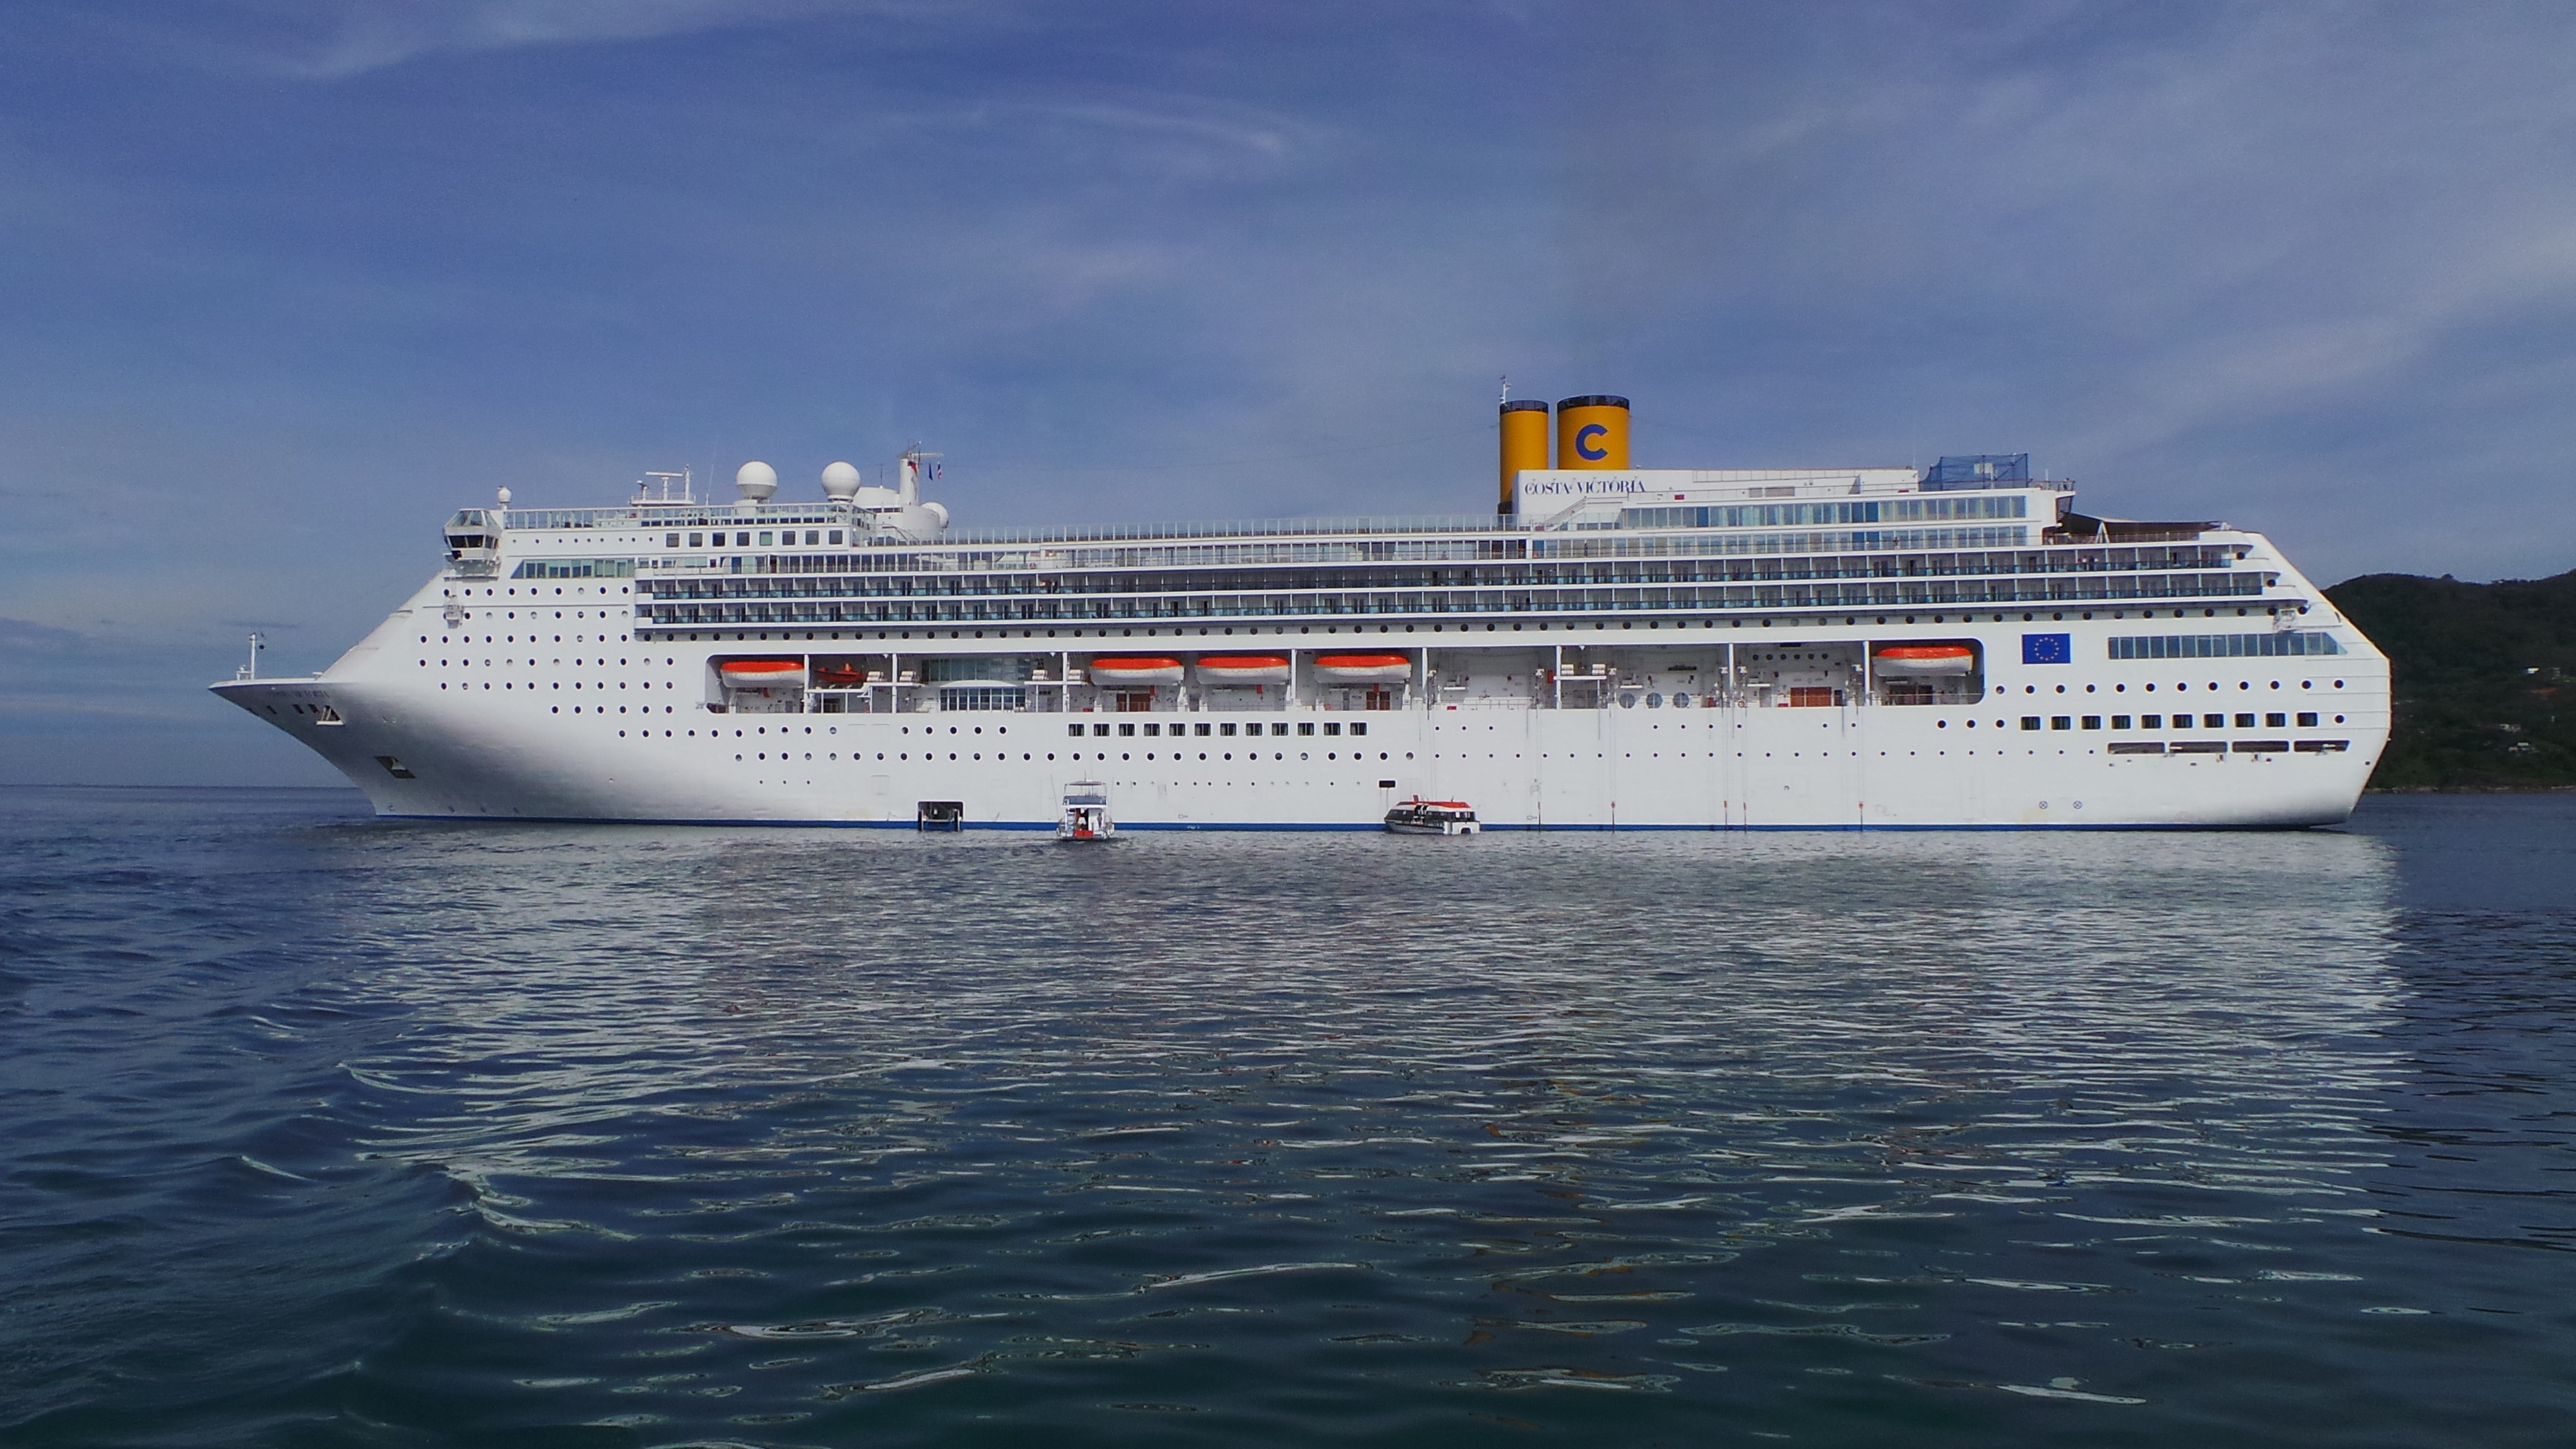 维多利亚游轮_跟随歌诗达-维多利亚号邮轮在蔚蓝的大海上游